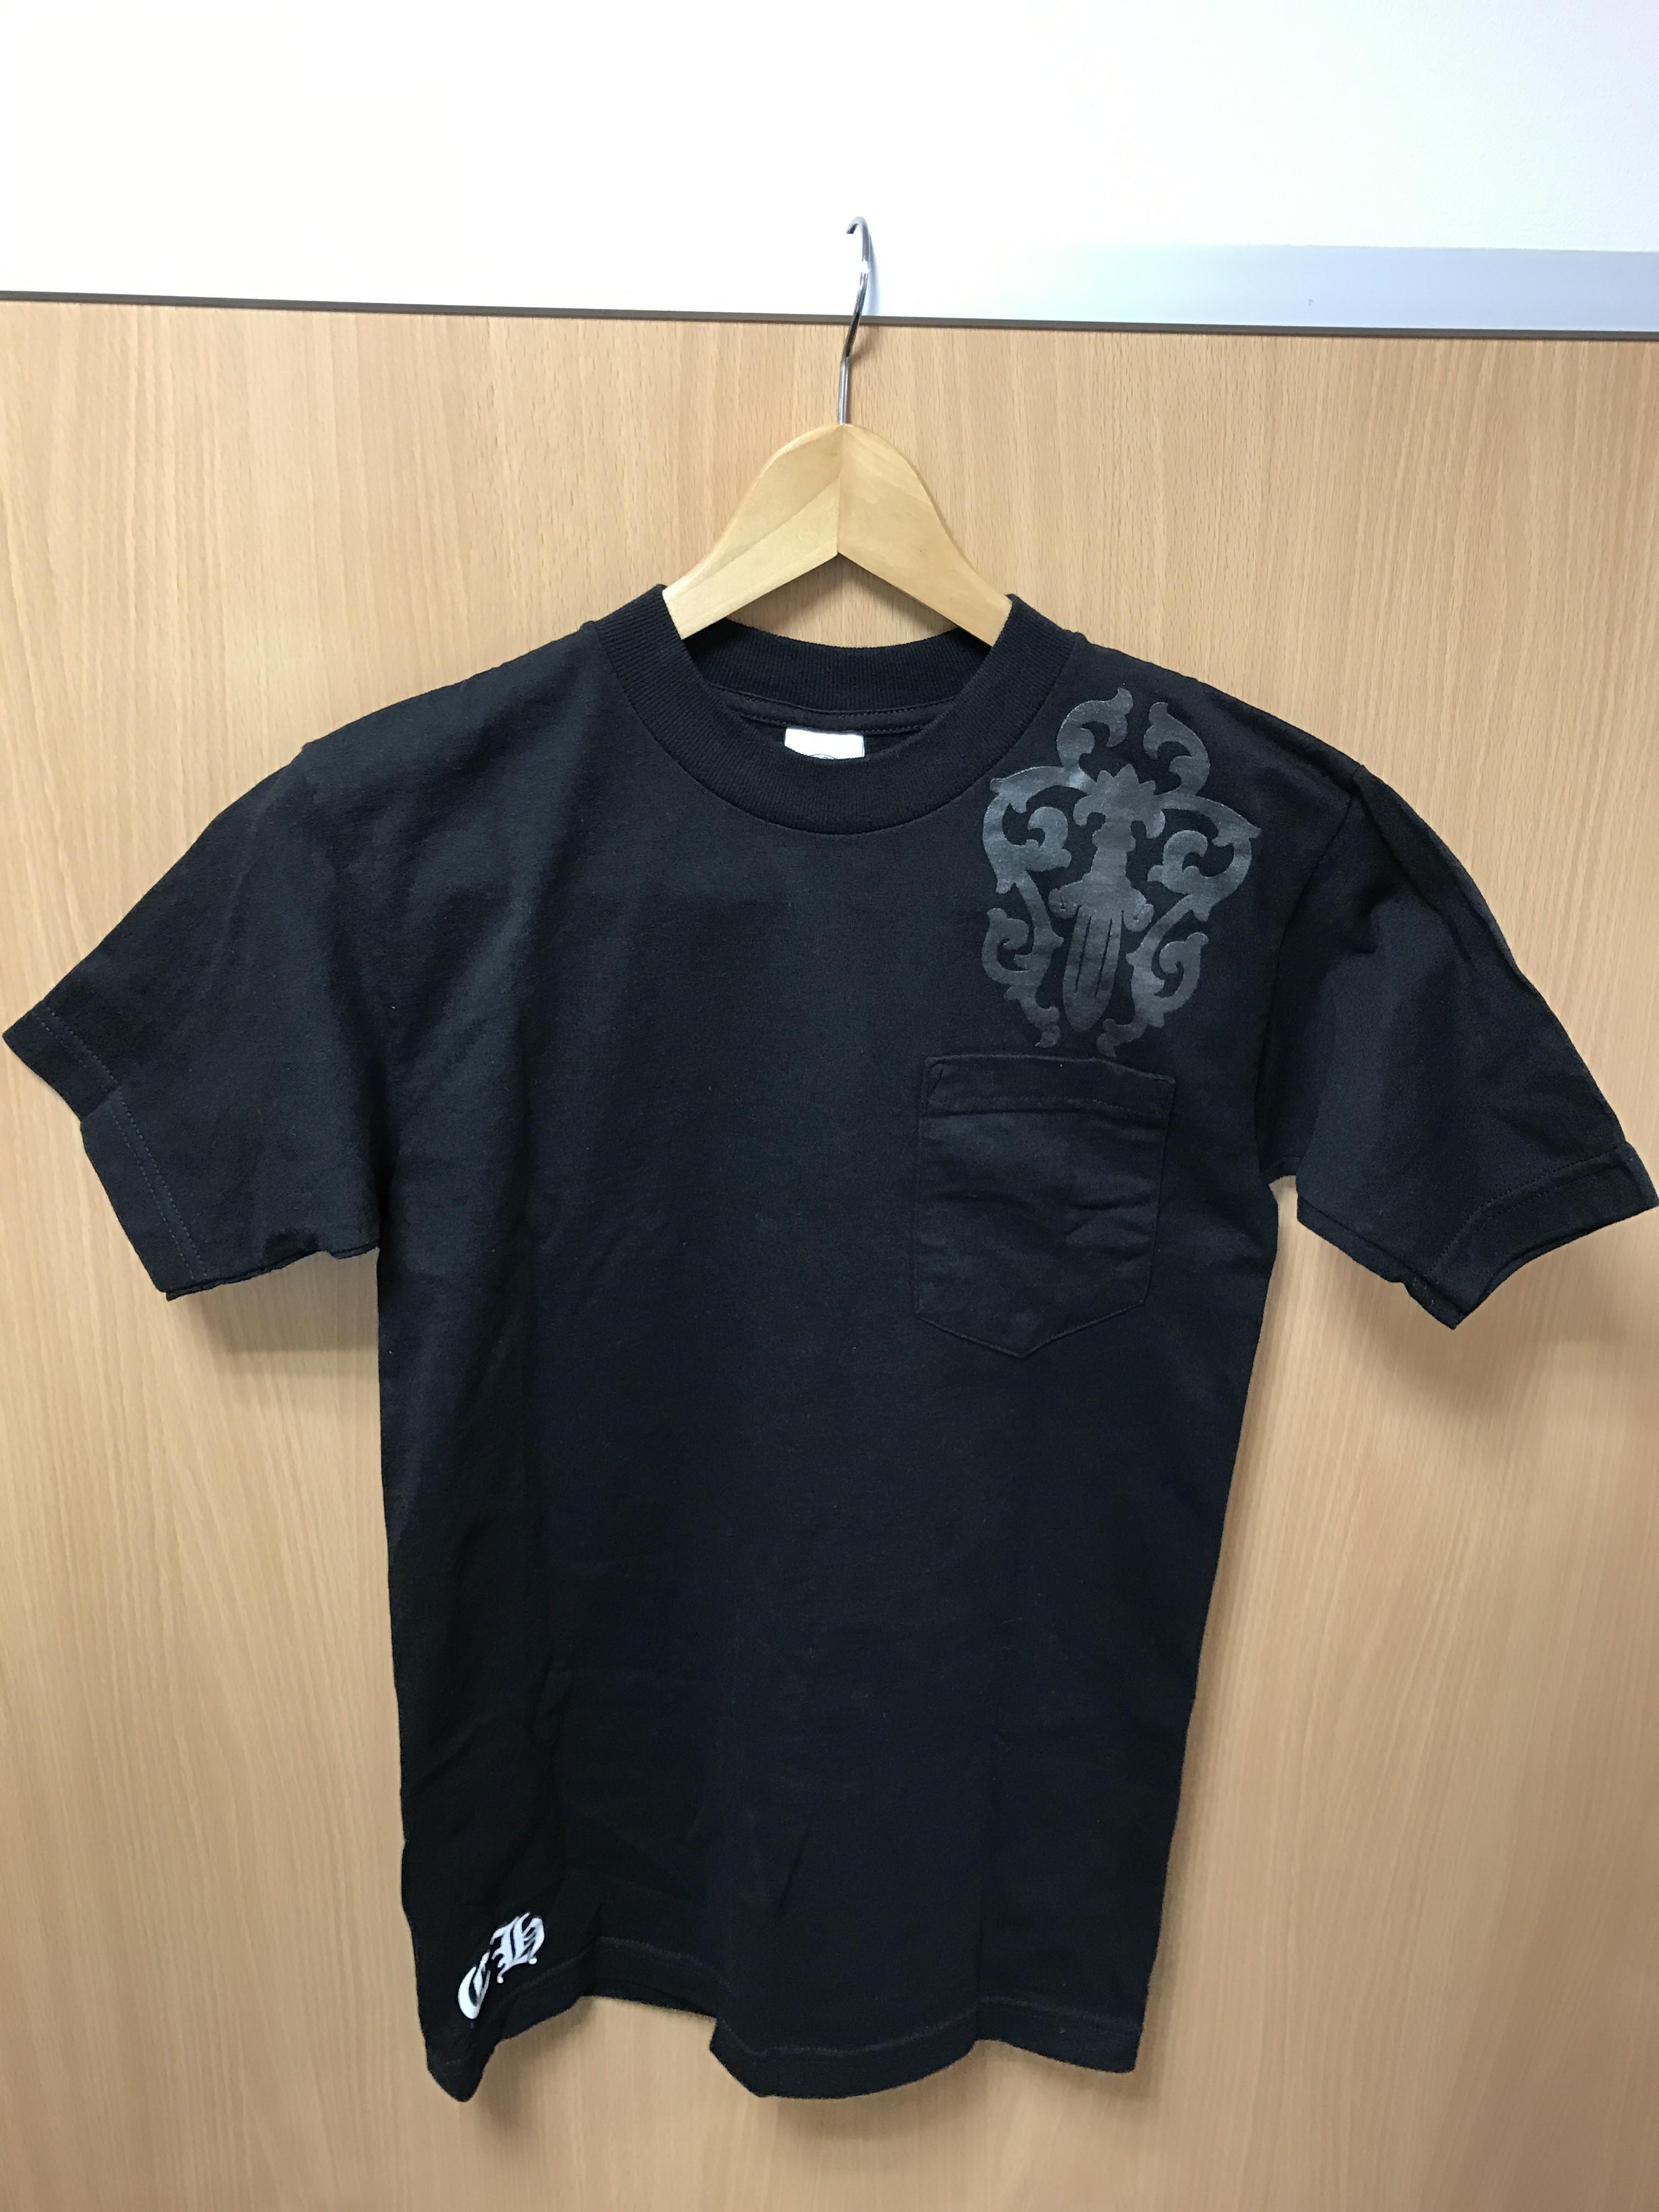 クロムハーツ Tシャツ ブラック メンズ